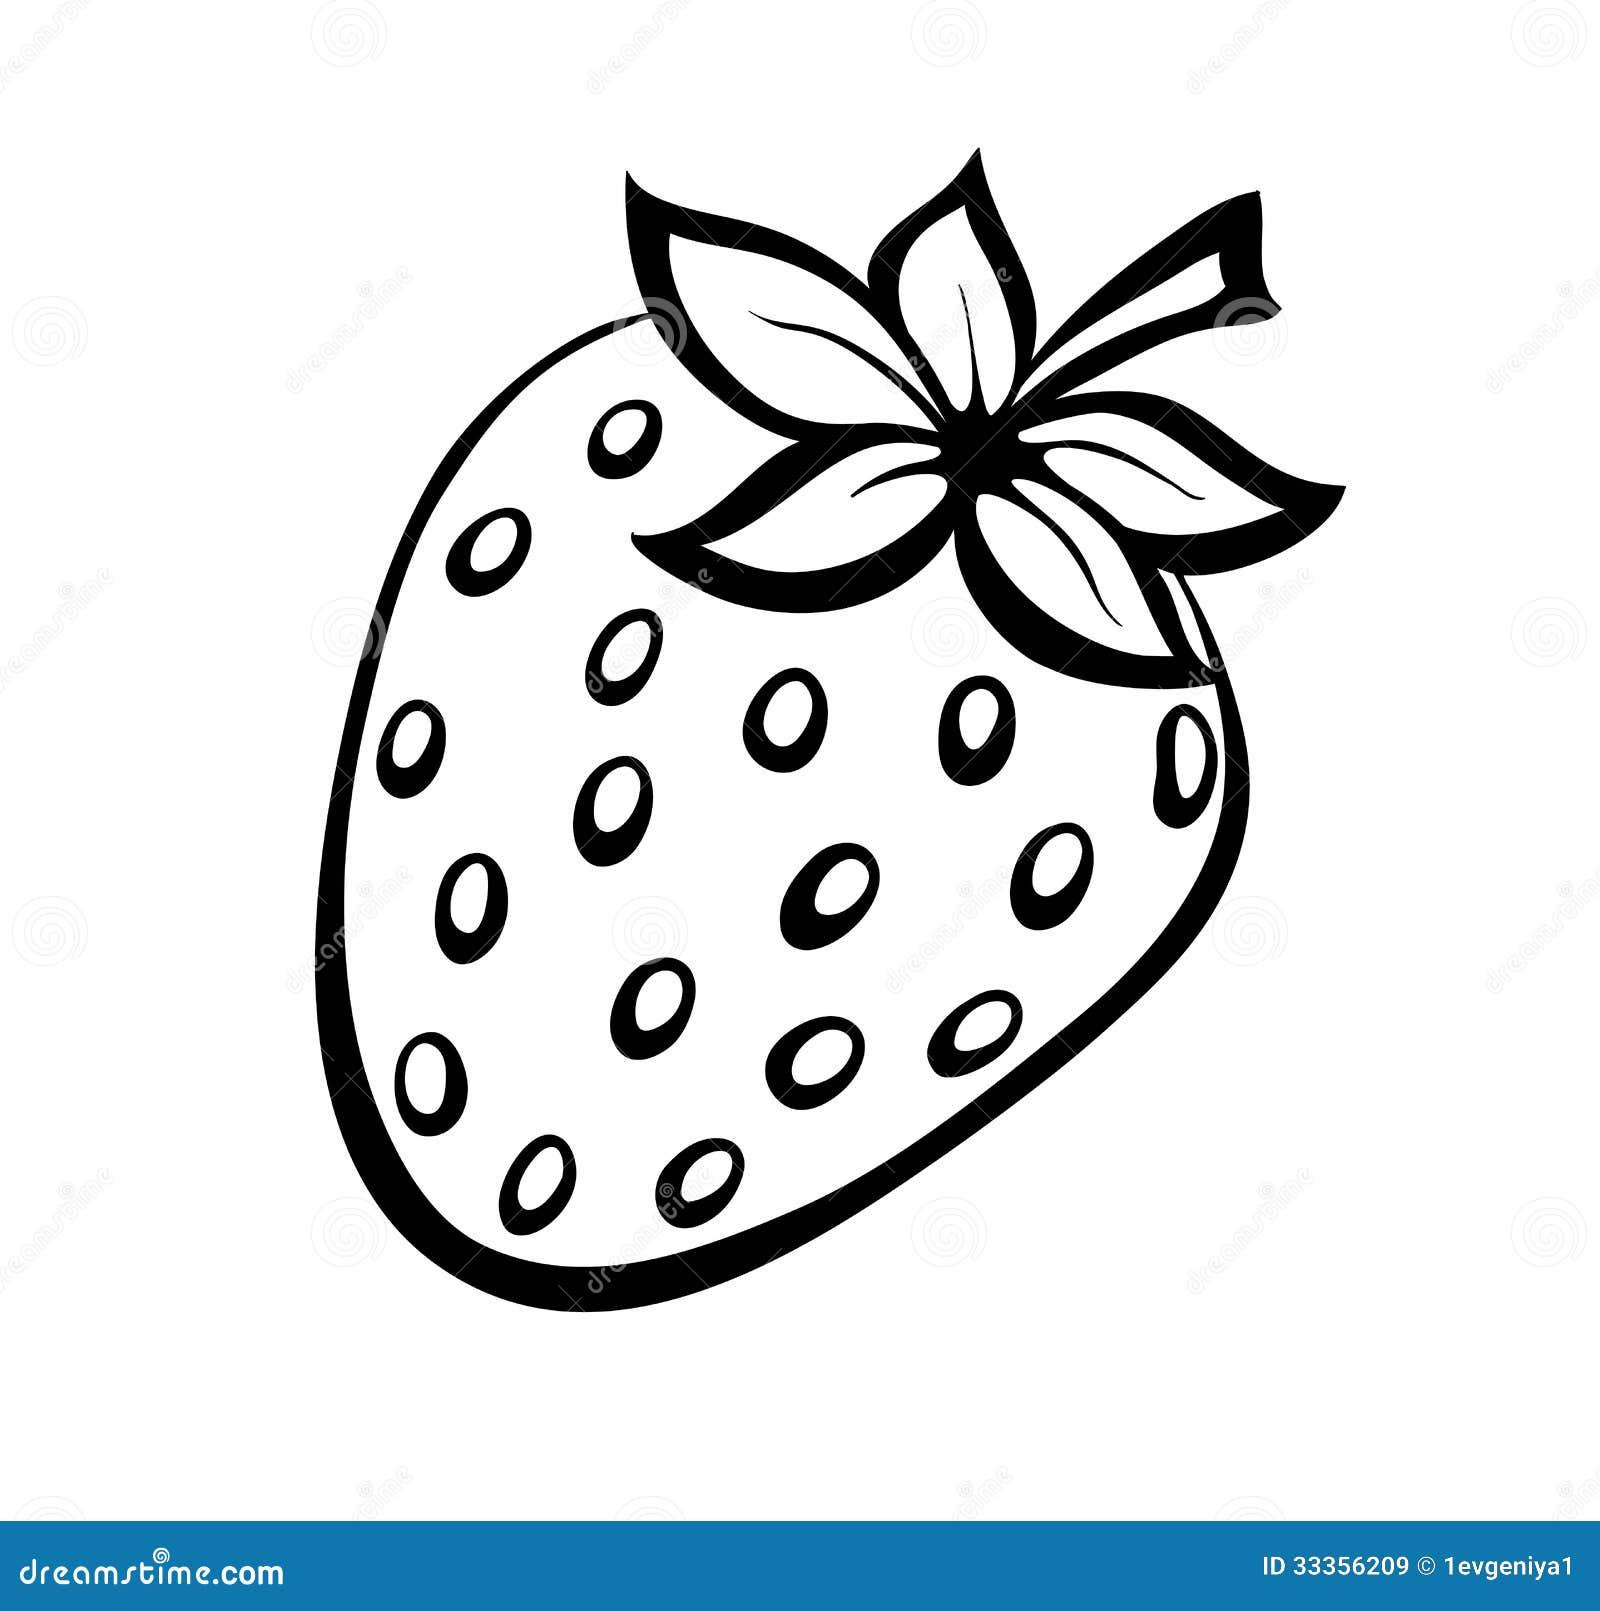 symbol erdbeere